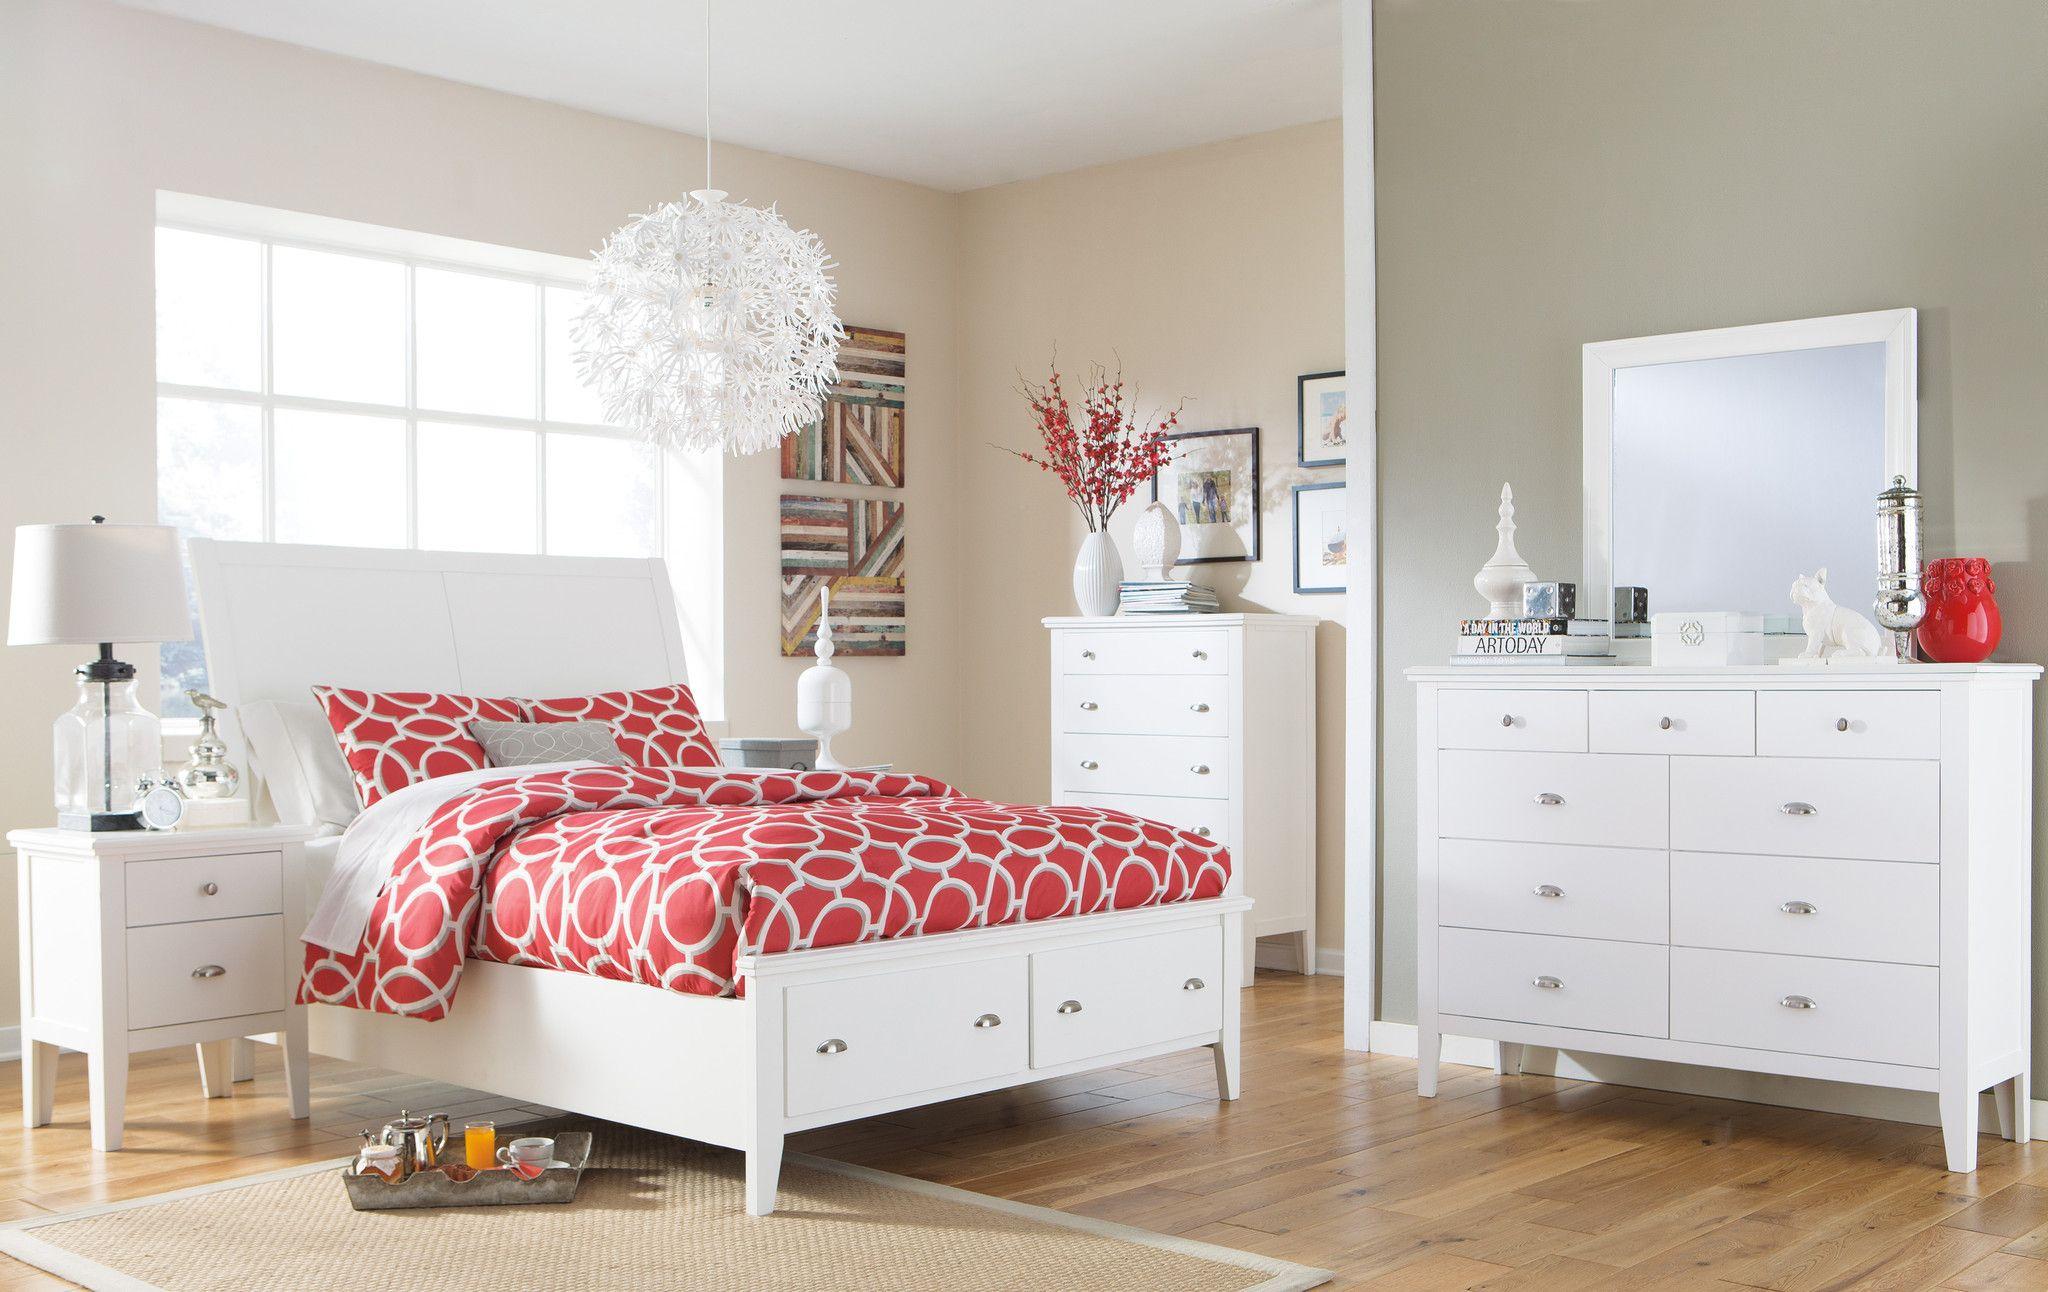 Master bedroom dimensions  Description  Dimensions  More Info Ashley Furniture Langlor